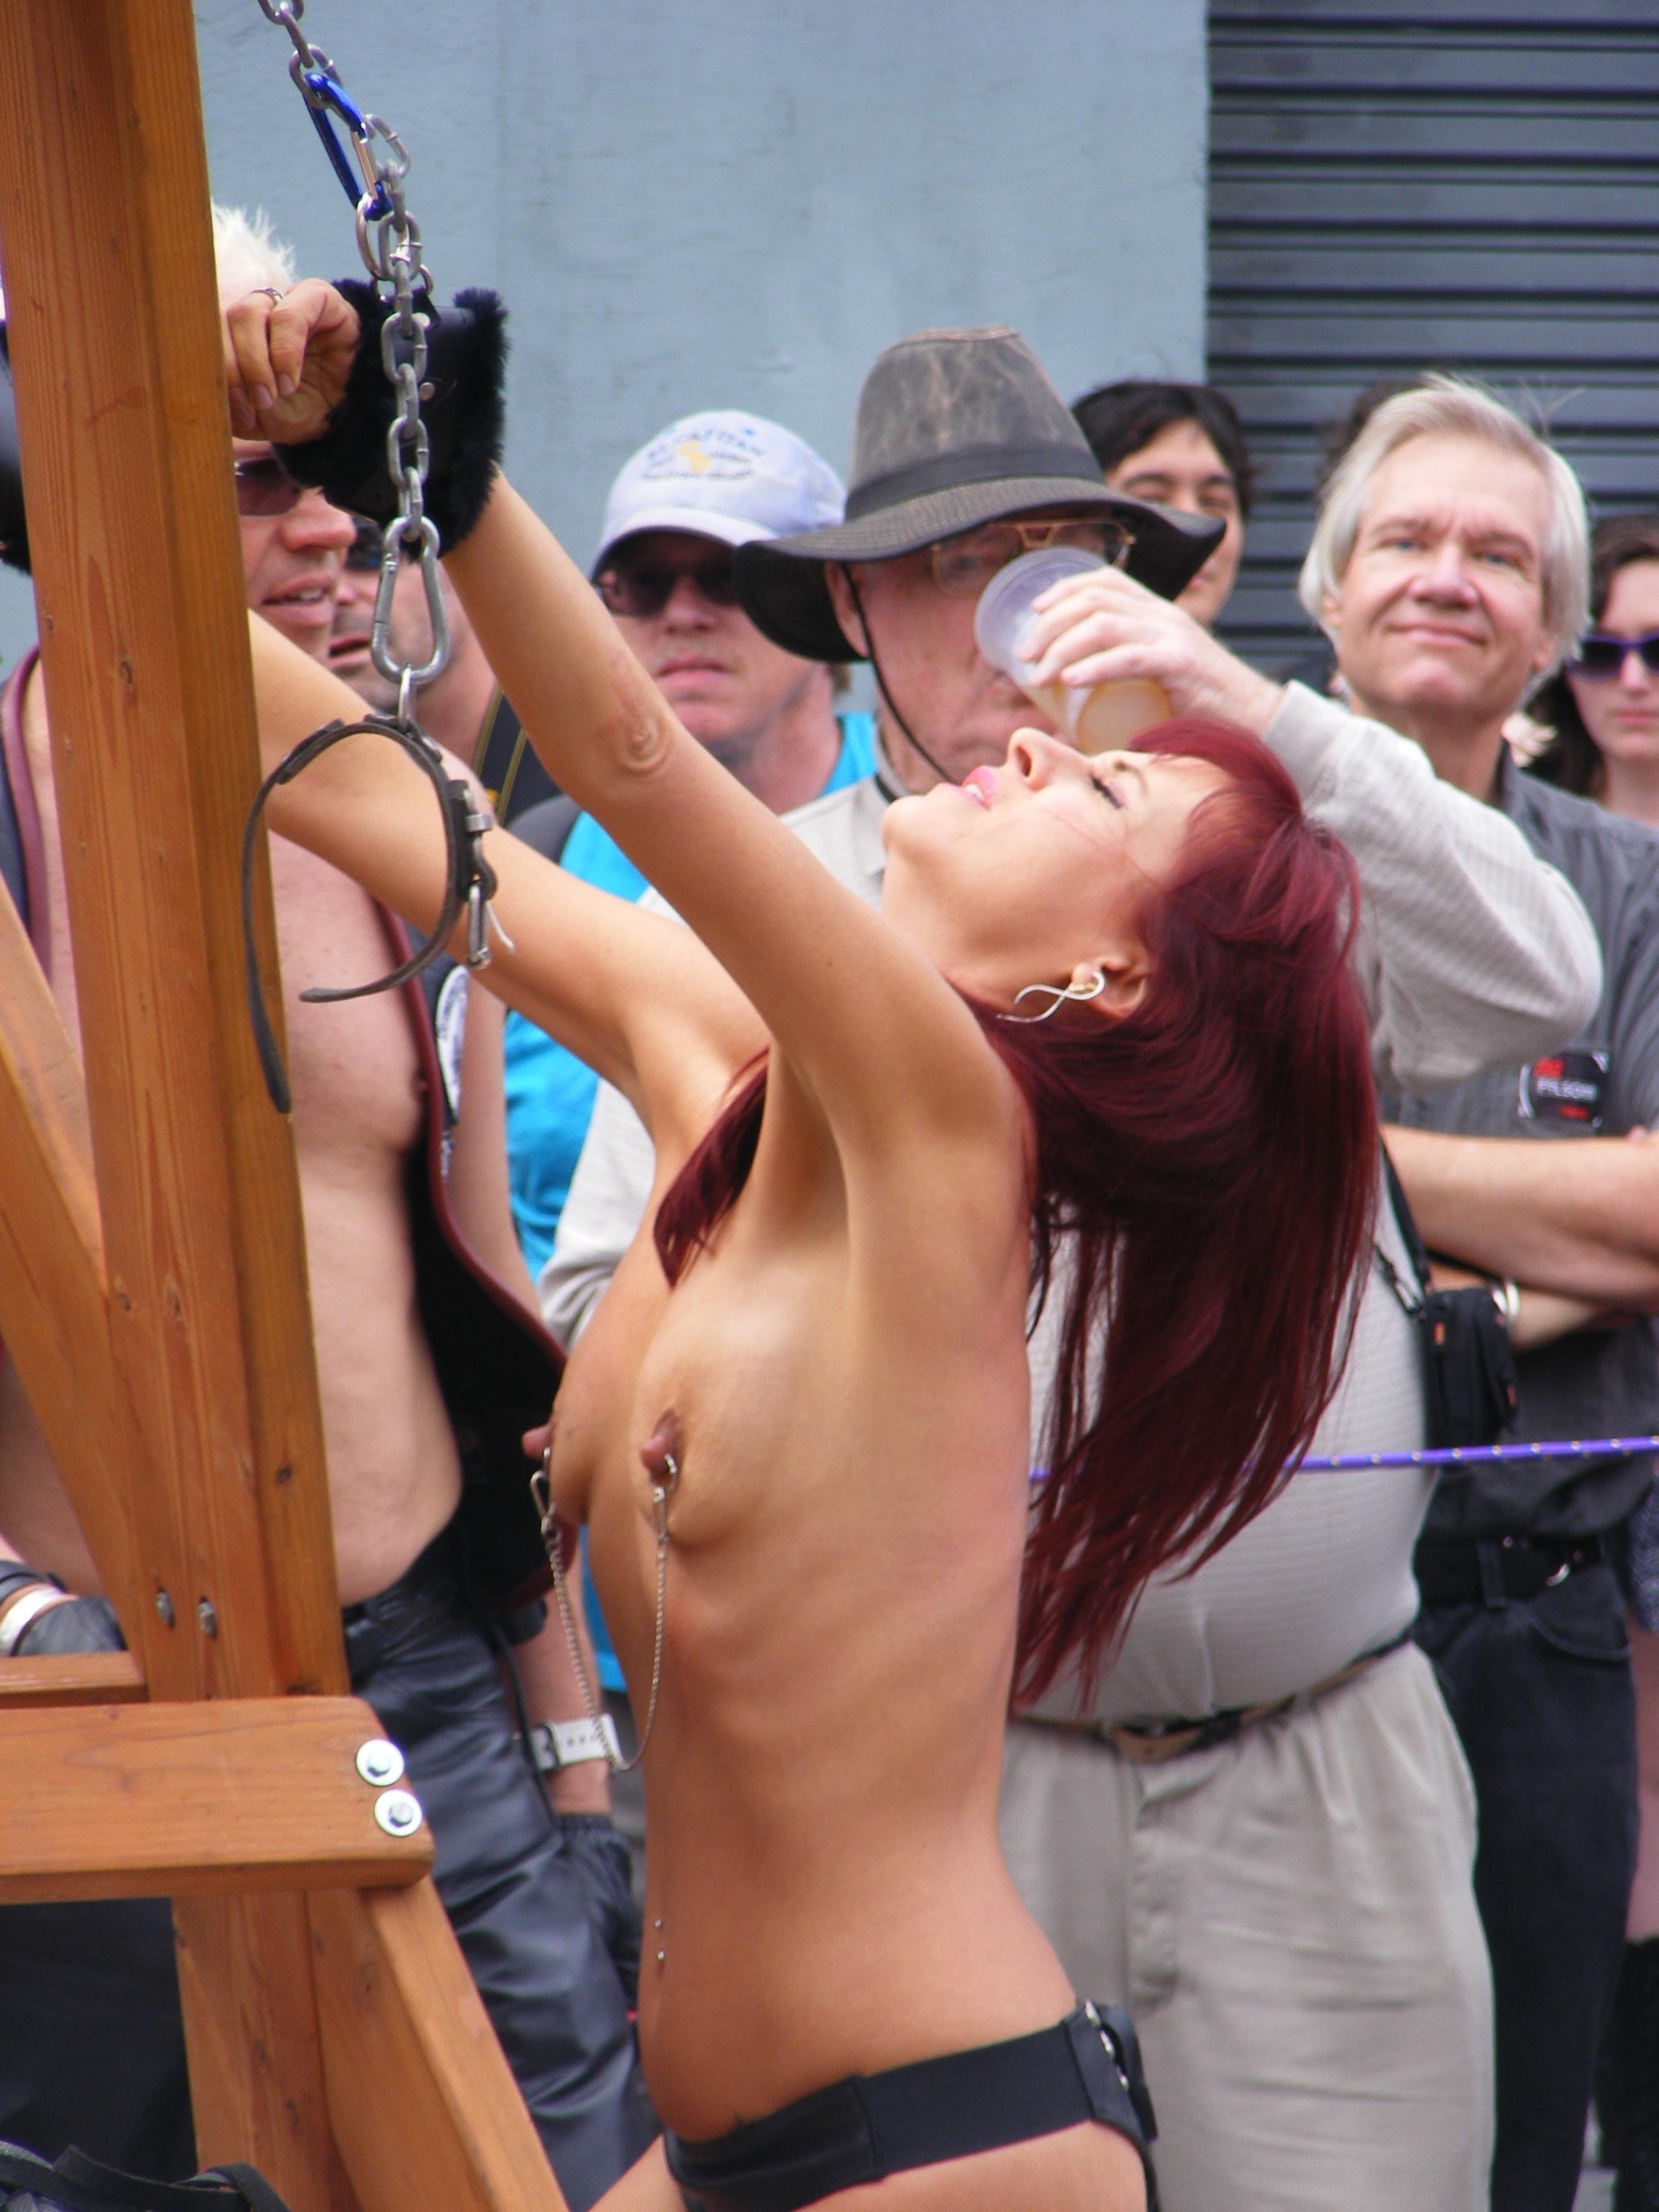 Смотреть порно публичное на улице 11 фотография